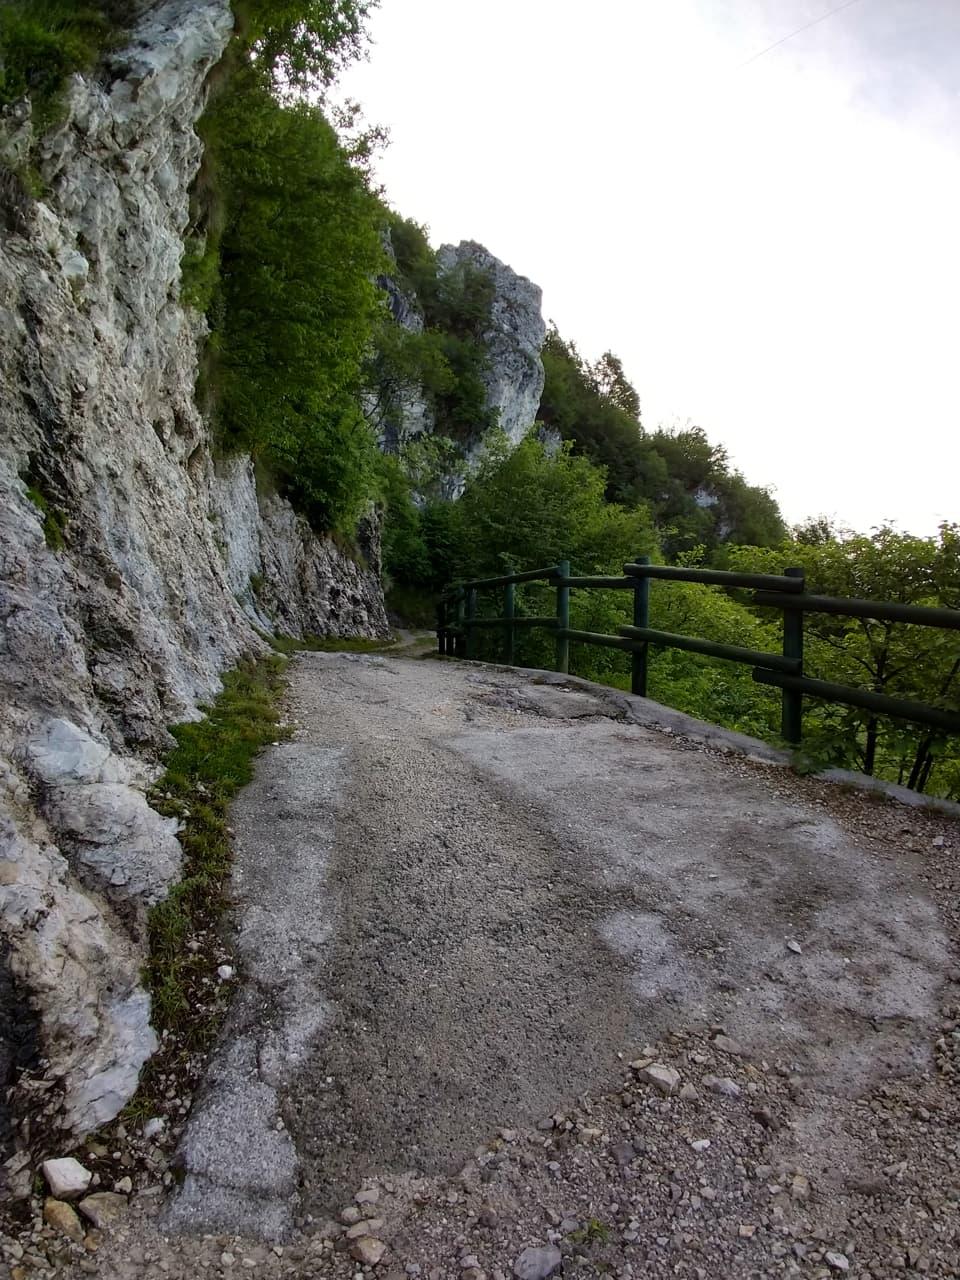 Questo passaggio in località Gromi Alti è davvero molto suggestivo, Sant'Emiliano è ormai a pochi minuti di distanza